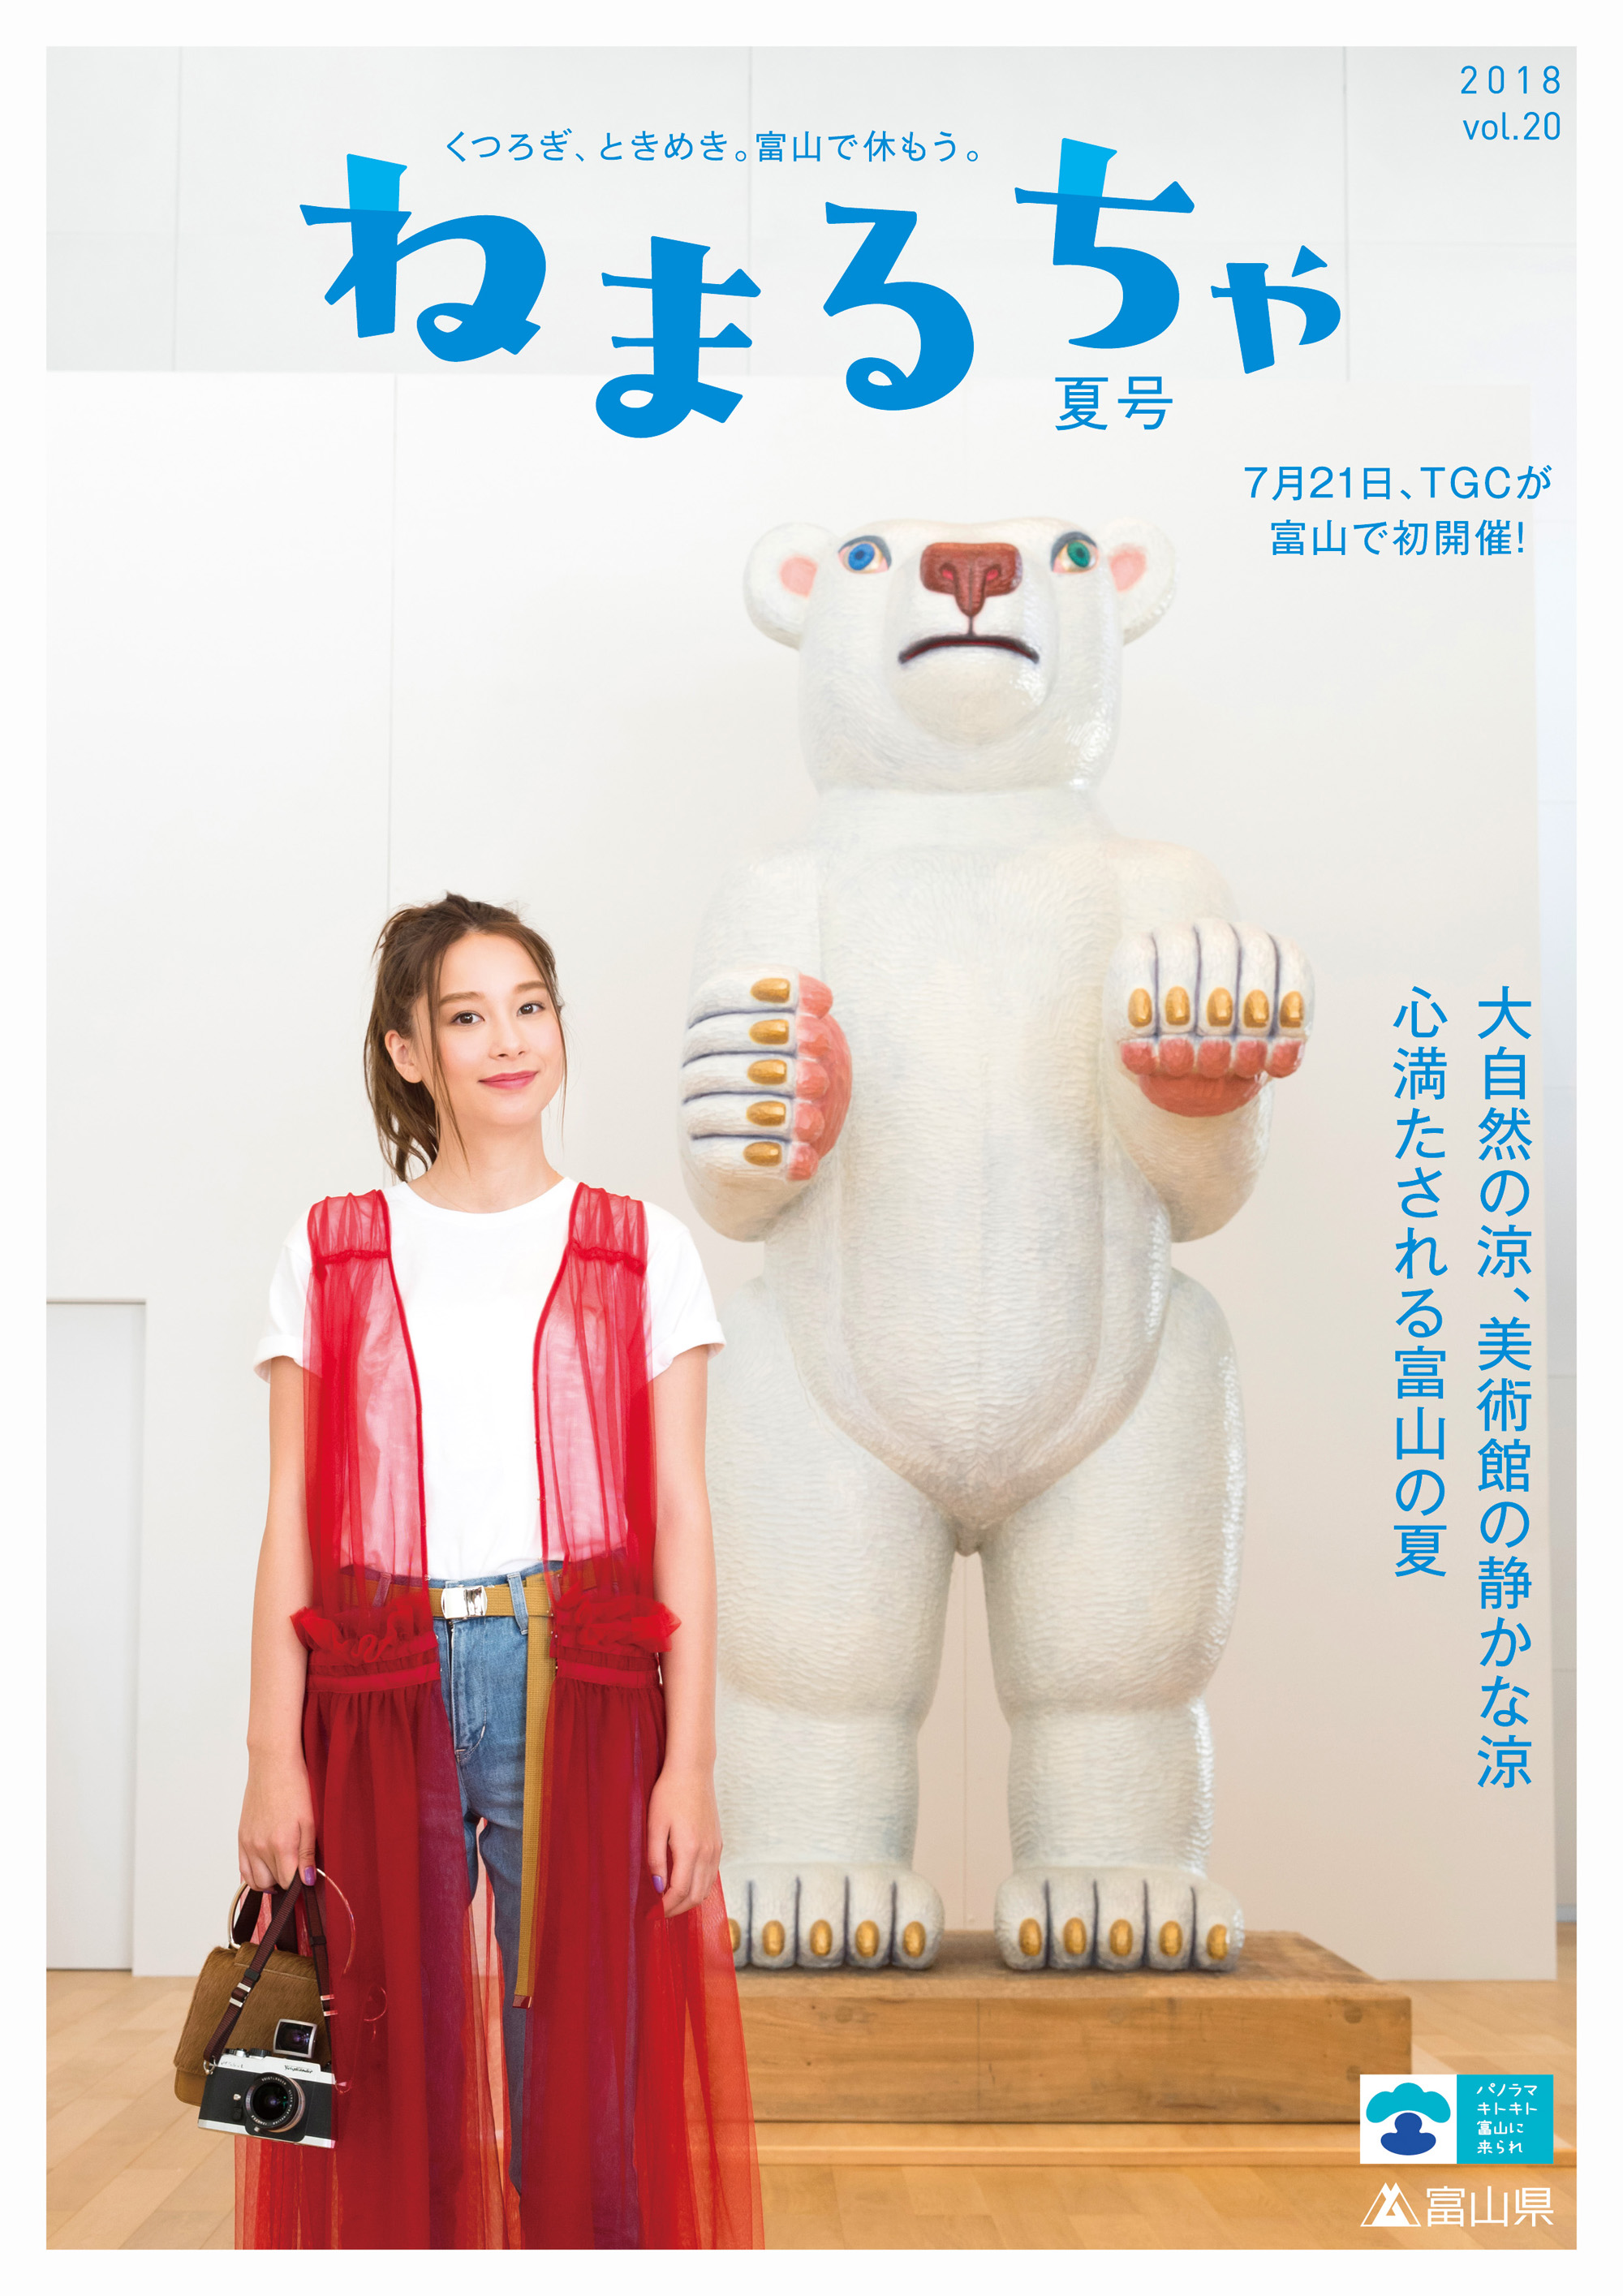 ねまるちゃ 東京ガールズコレクション富山 富山県美術館